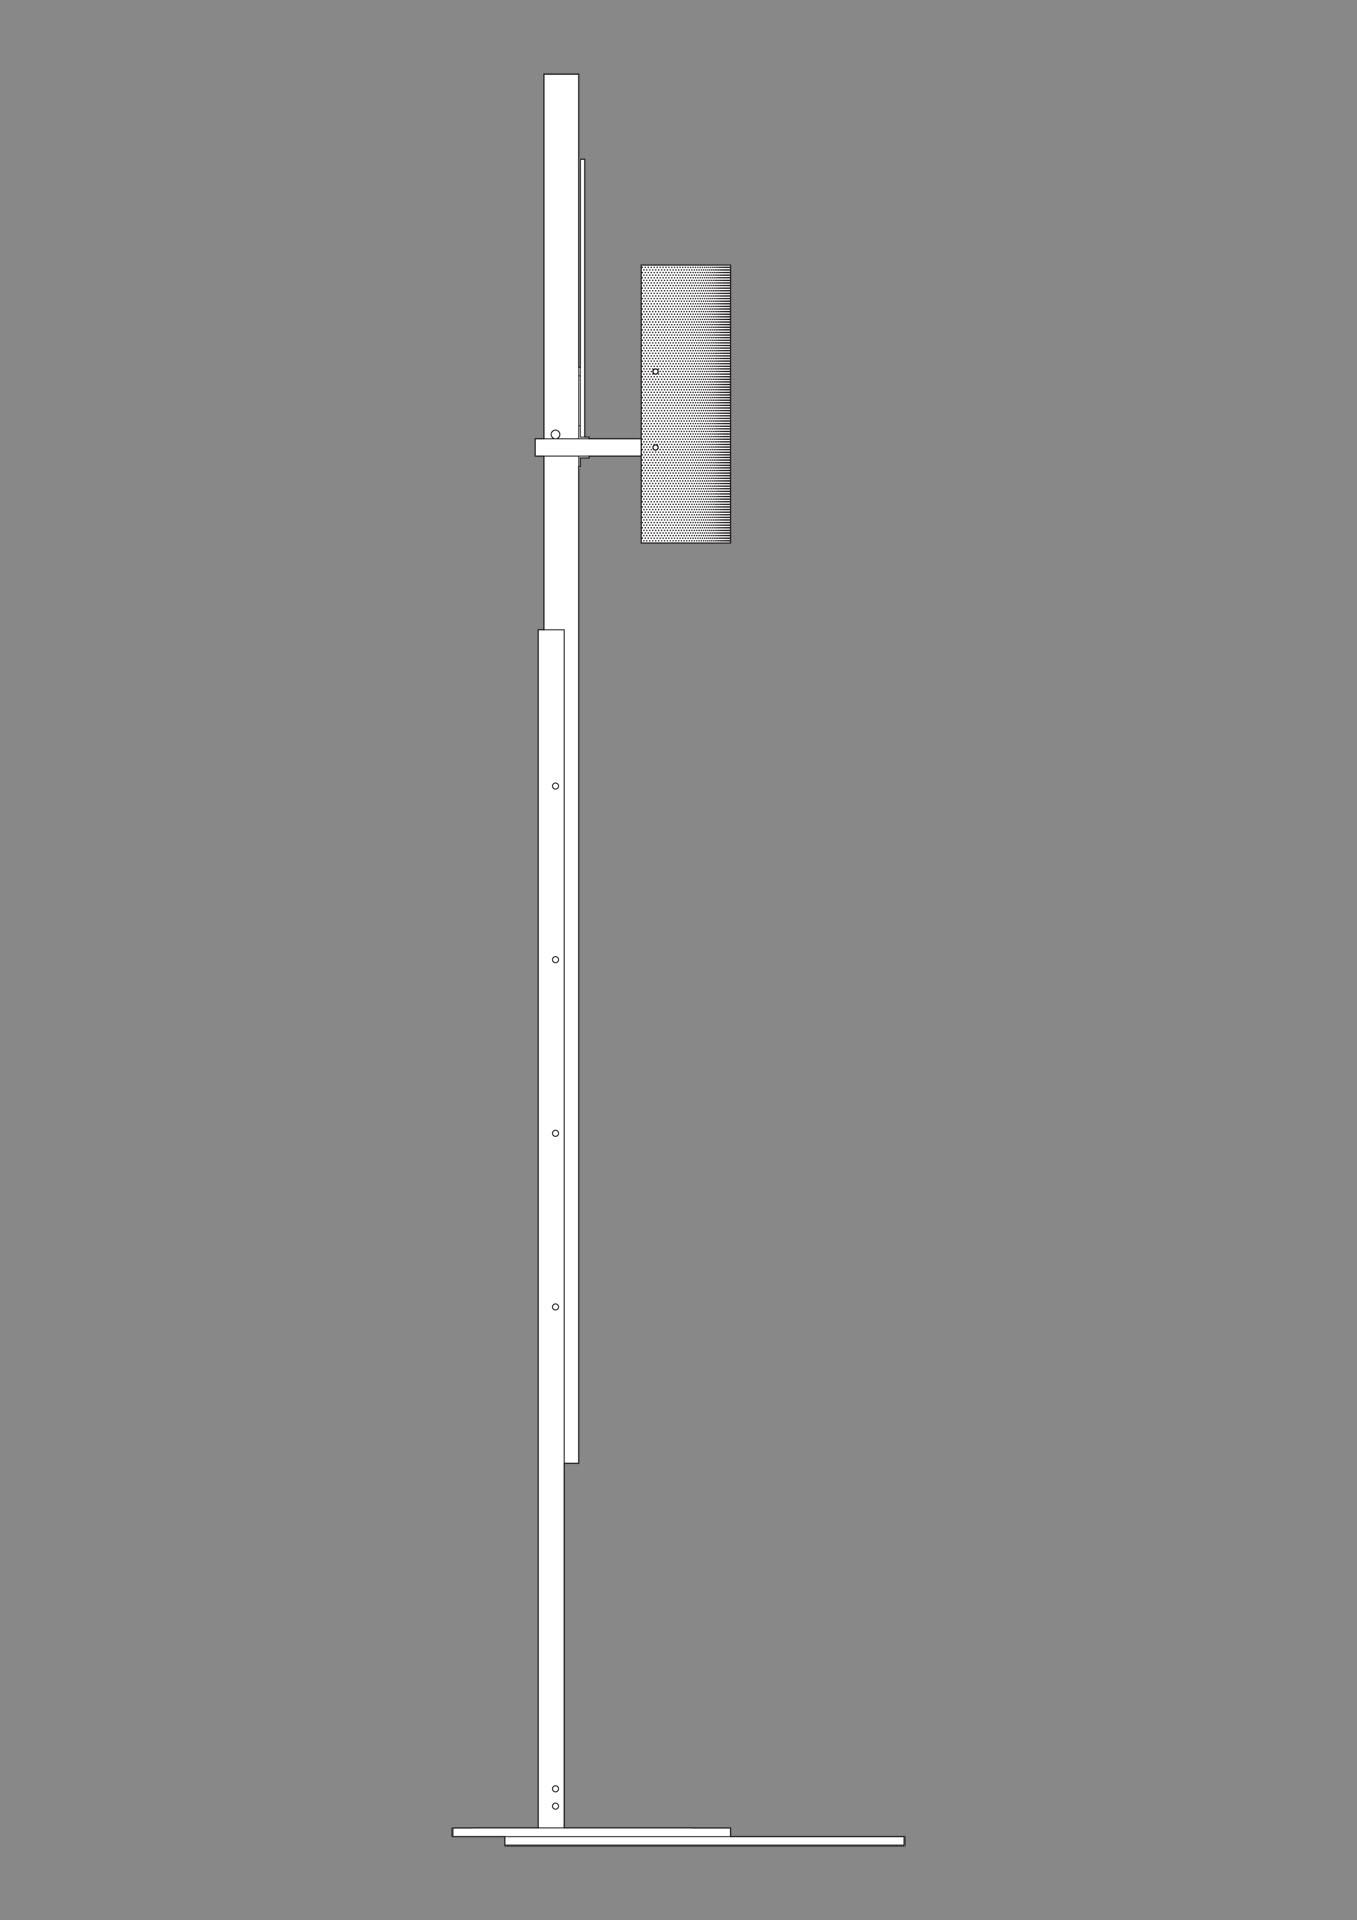 création de luminaires métalliques sur mesure